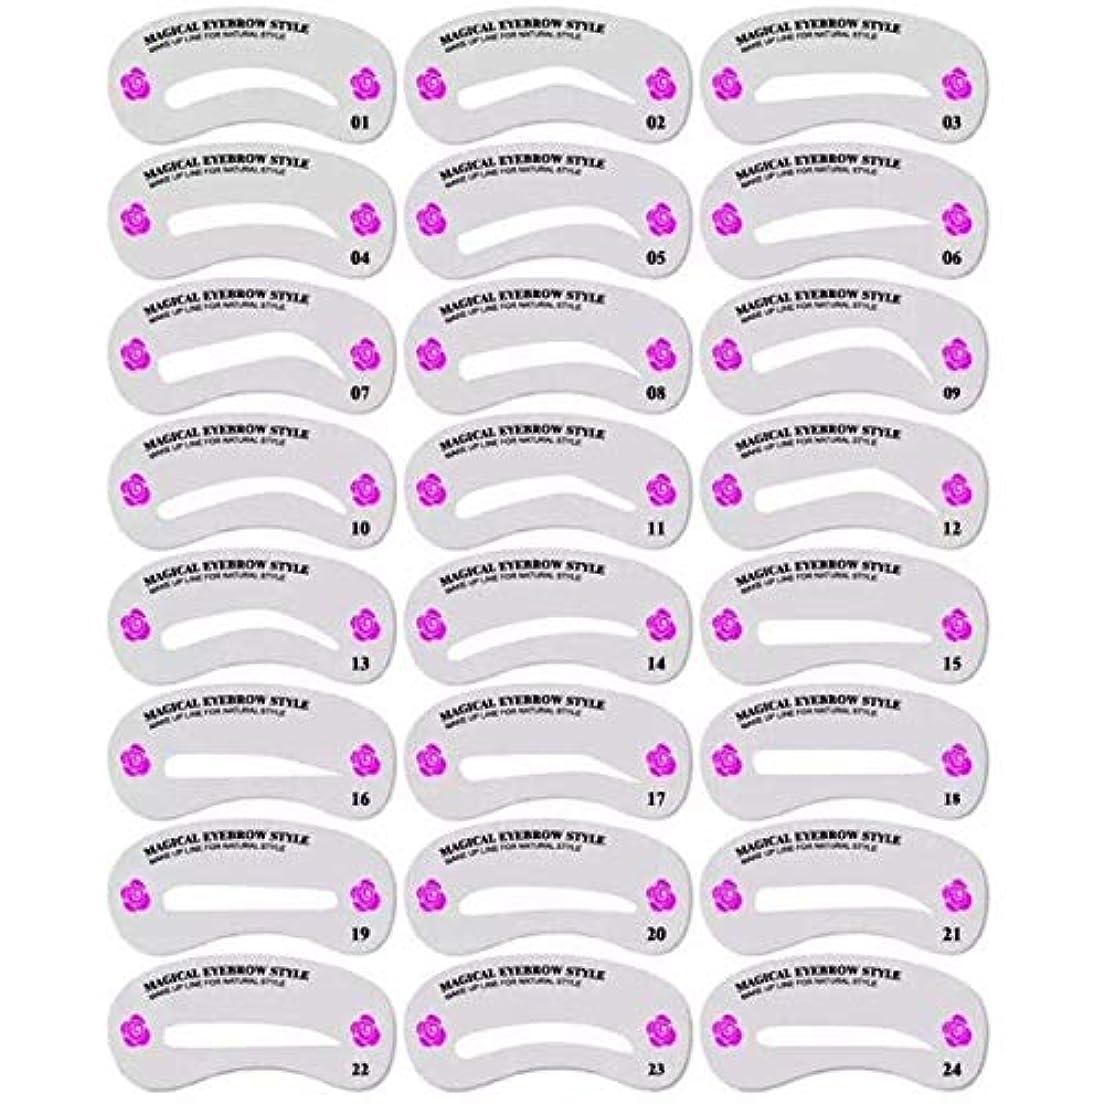 栄光本能治世眉毛テンプレート 24種類 美容ツール メイクアップ ガイド 眉毛を気分で使い分け 男女兼用 (24枚セット)